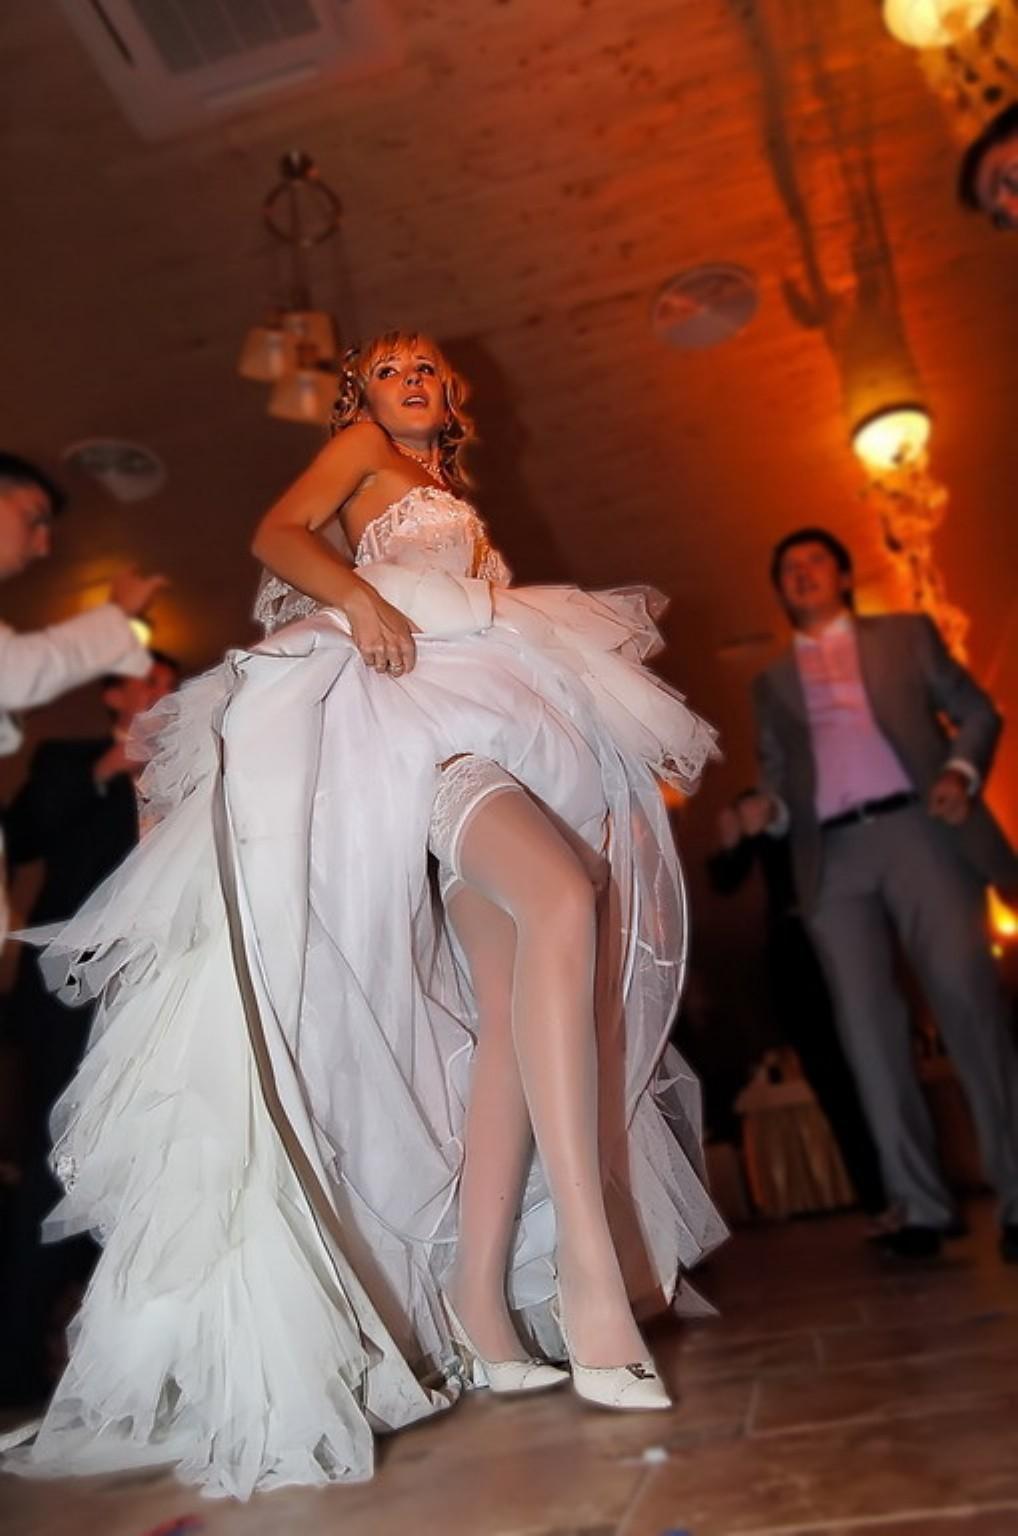 pantyhose brides Candid